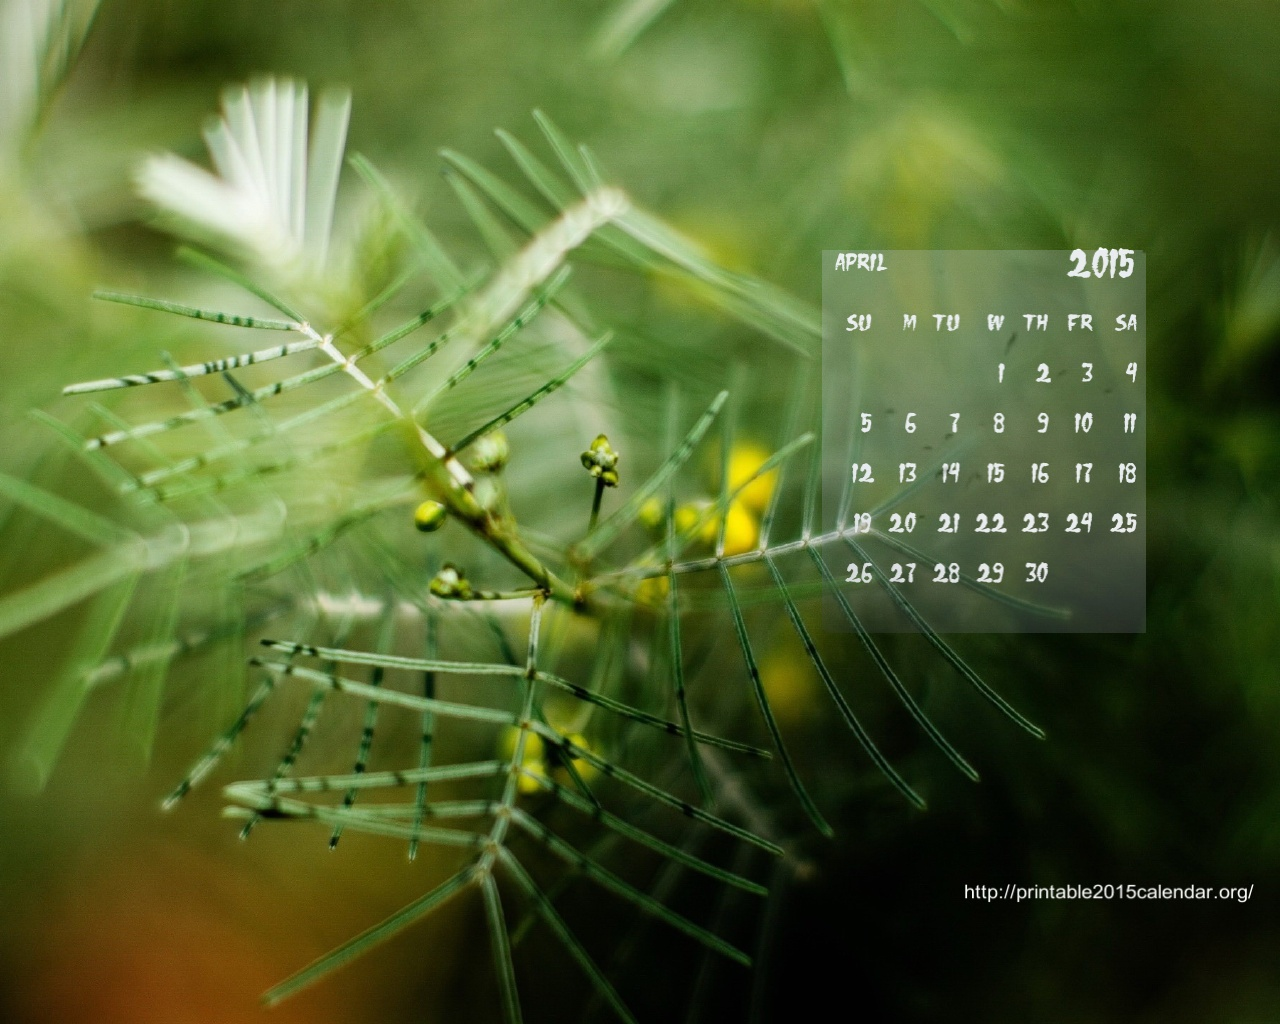 2015 Monthly Calendar Wallpaper 1280x1024